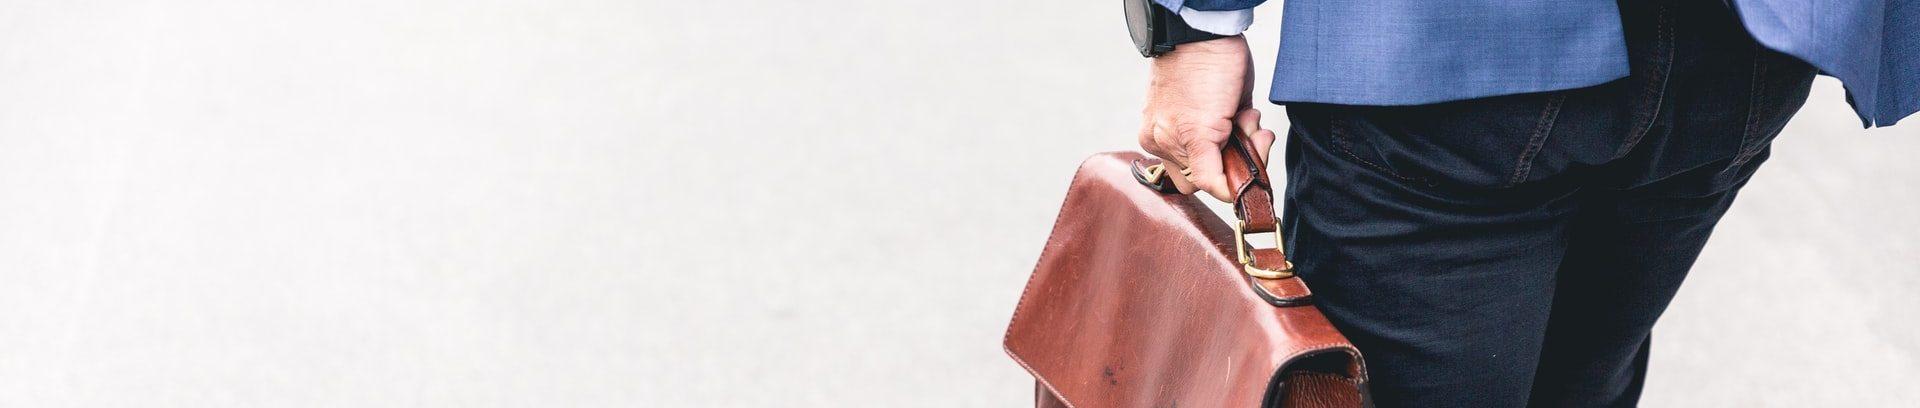 Allocation chômage : quels sont vos droits après un licenciement ?